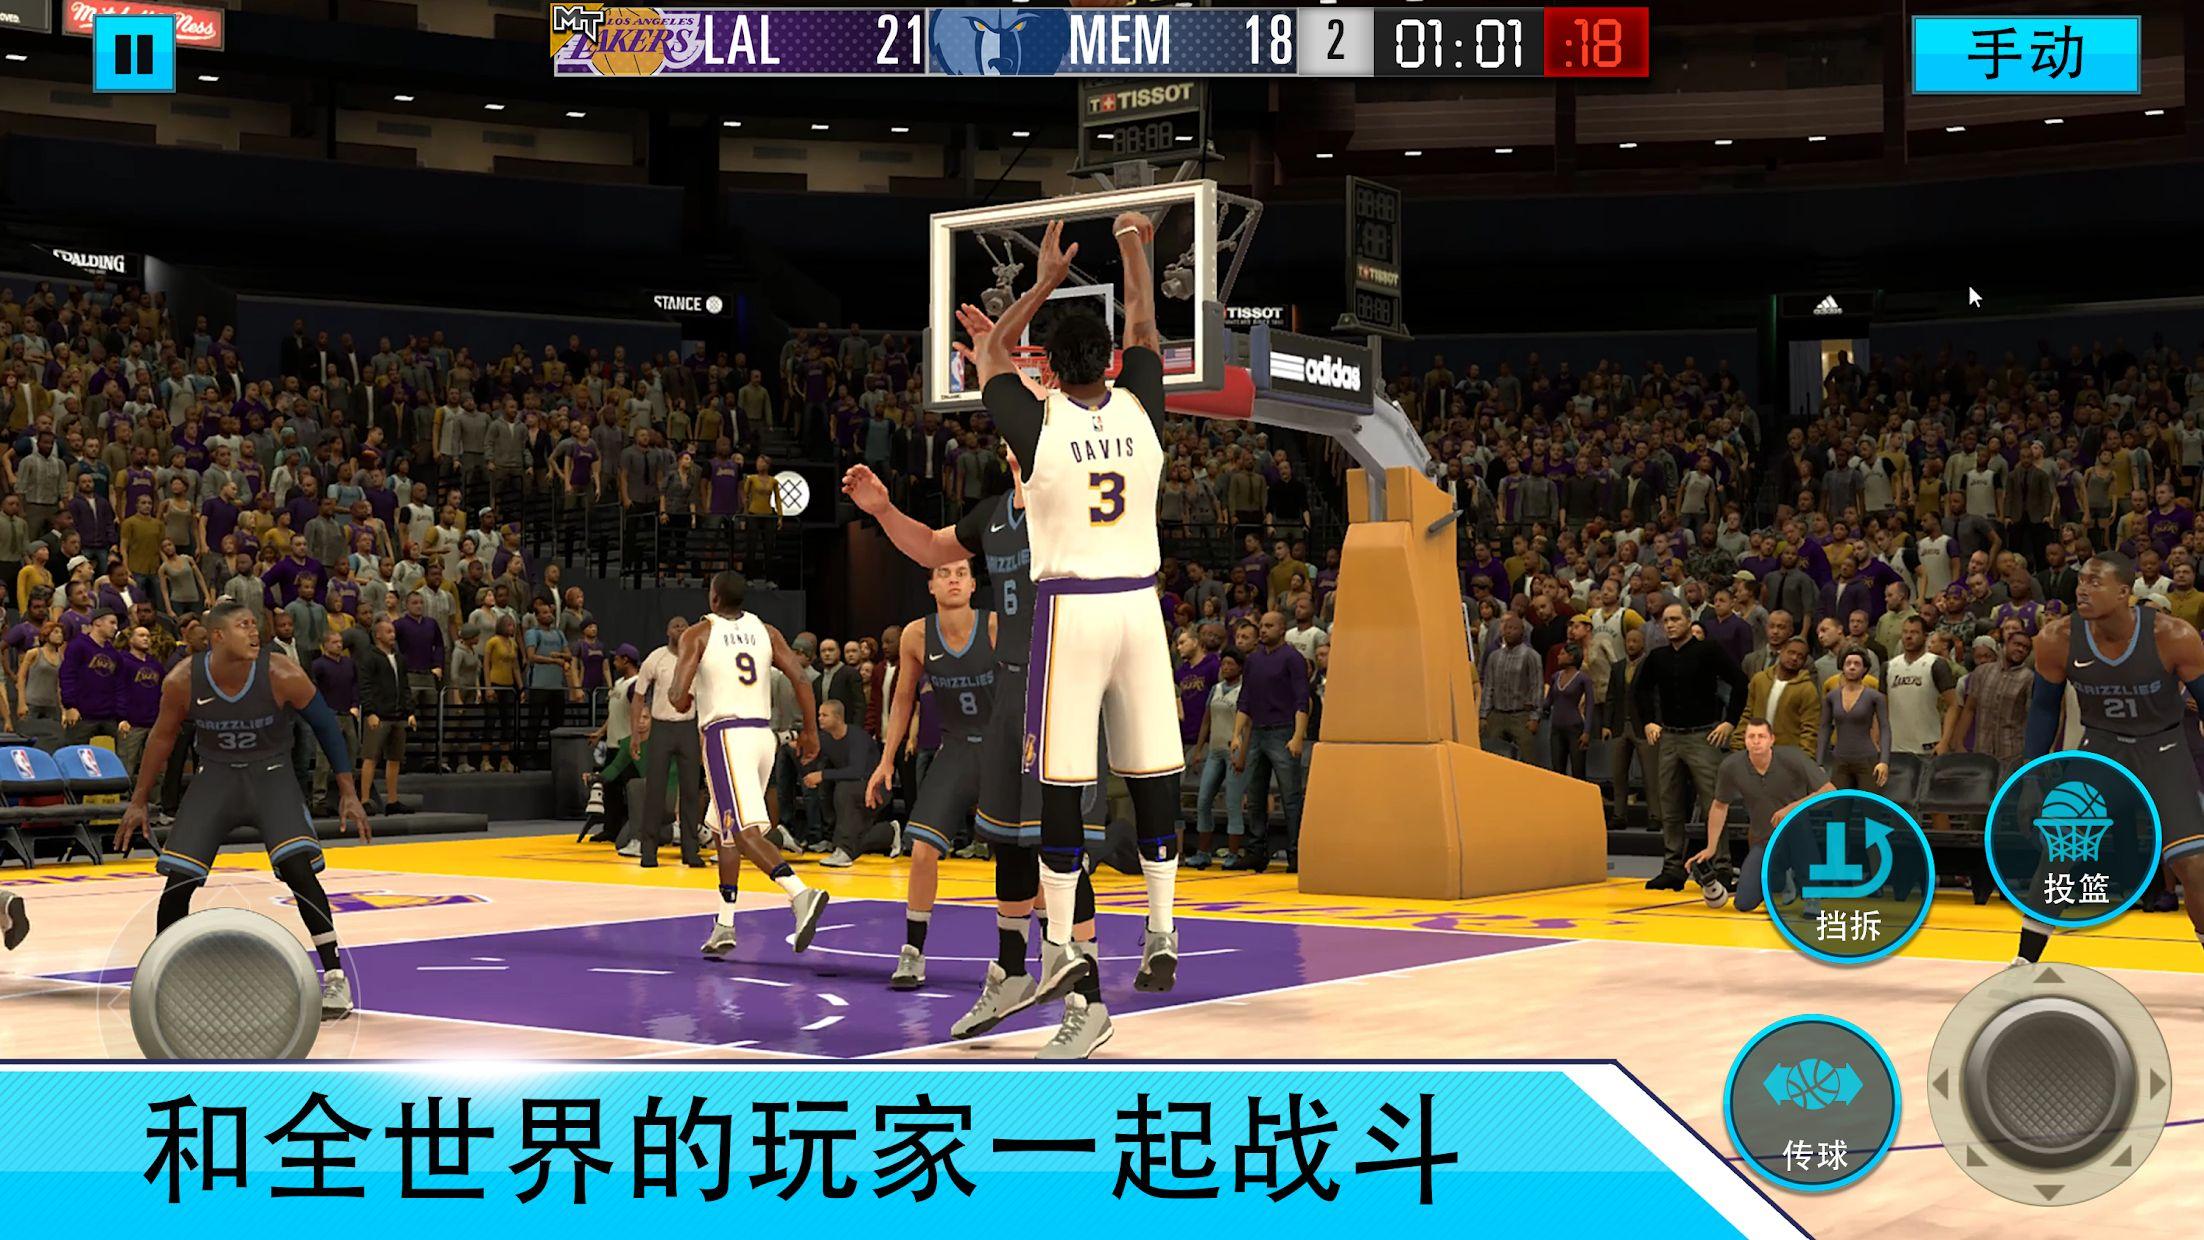 NBA 2K Mobile篮球 游戏截图1